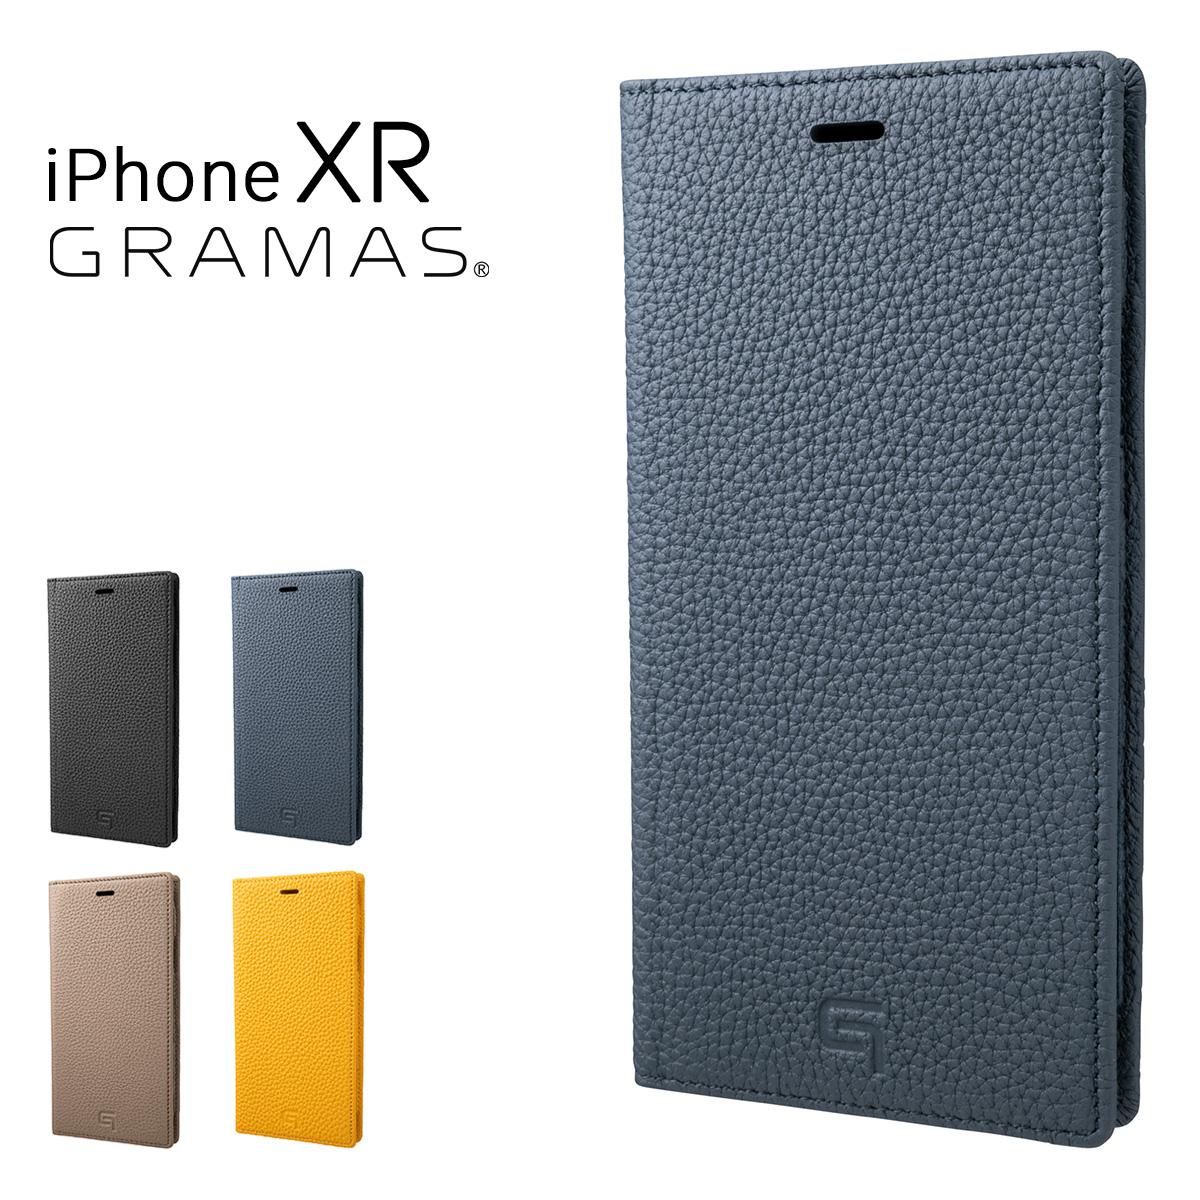 グラマス iPhoneXR ケース メンズ レディース GLC-72548 GRAMAS | スマートフォンケース 手帳型 本革[bef][即日発送][母の日]